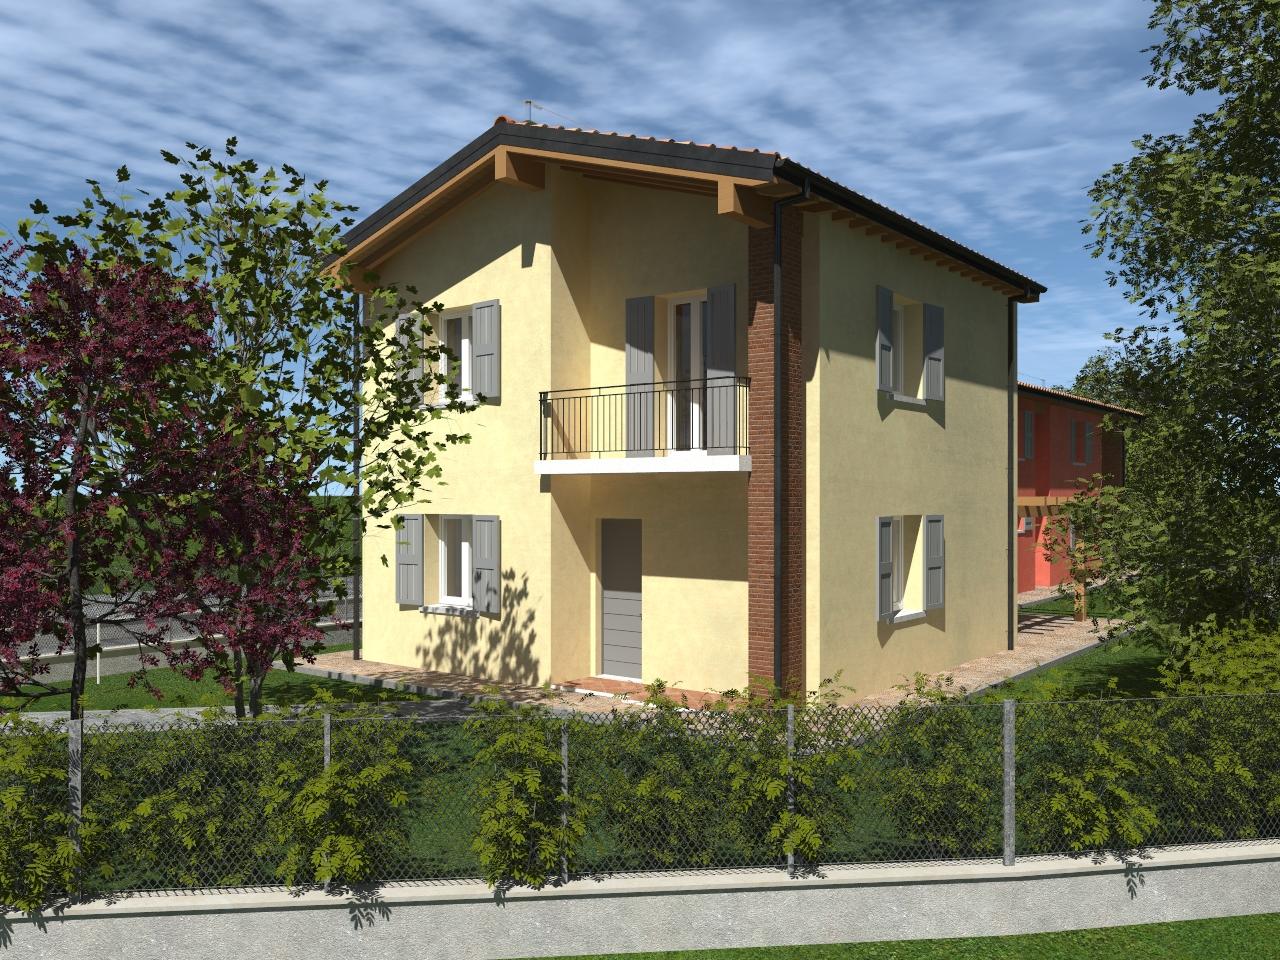 Quaresimo Reggio E. – Villa abbinata